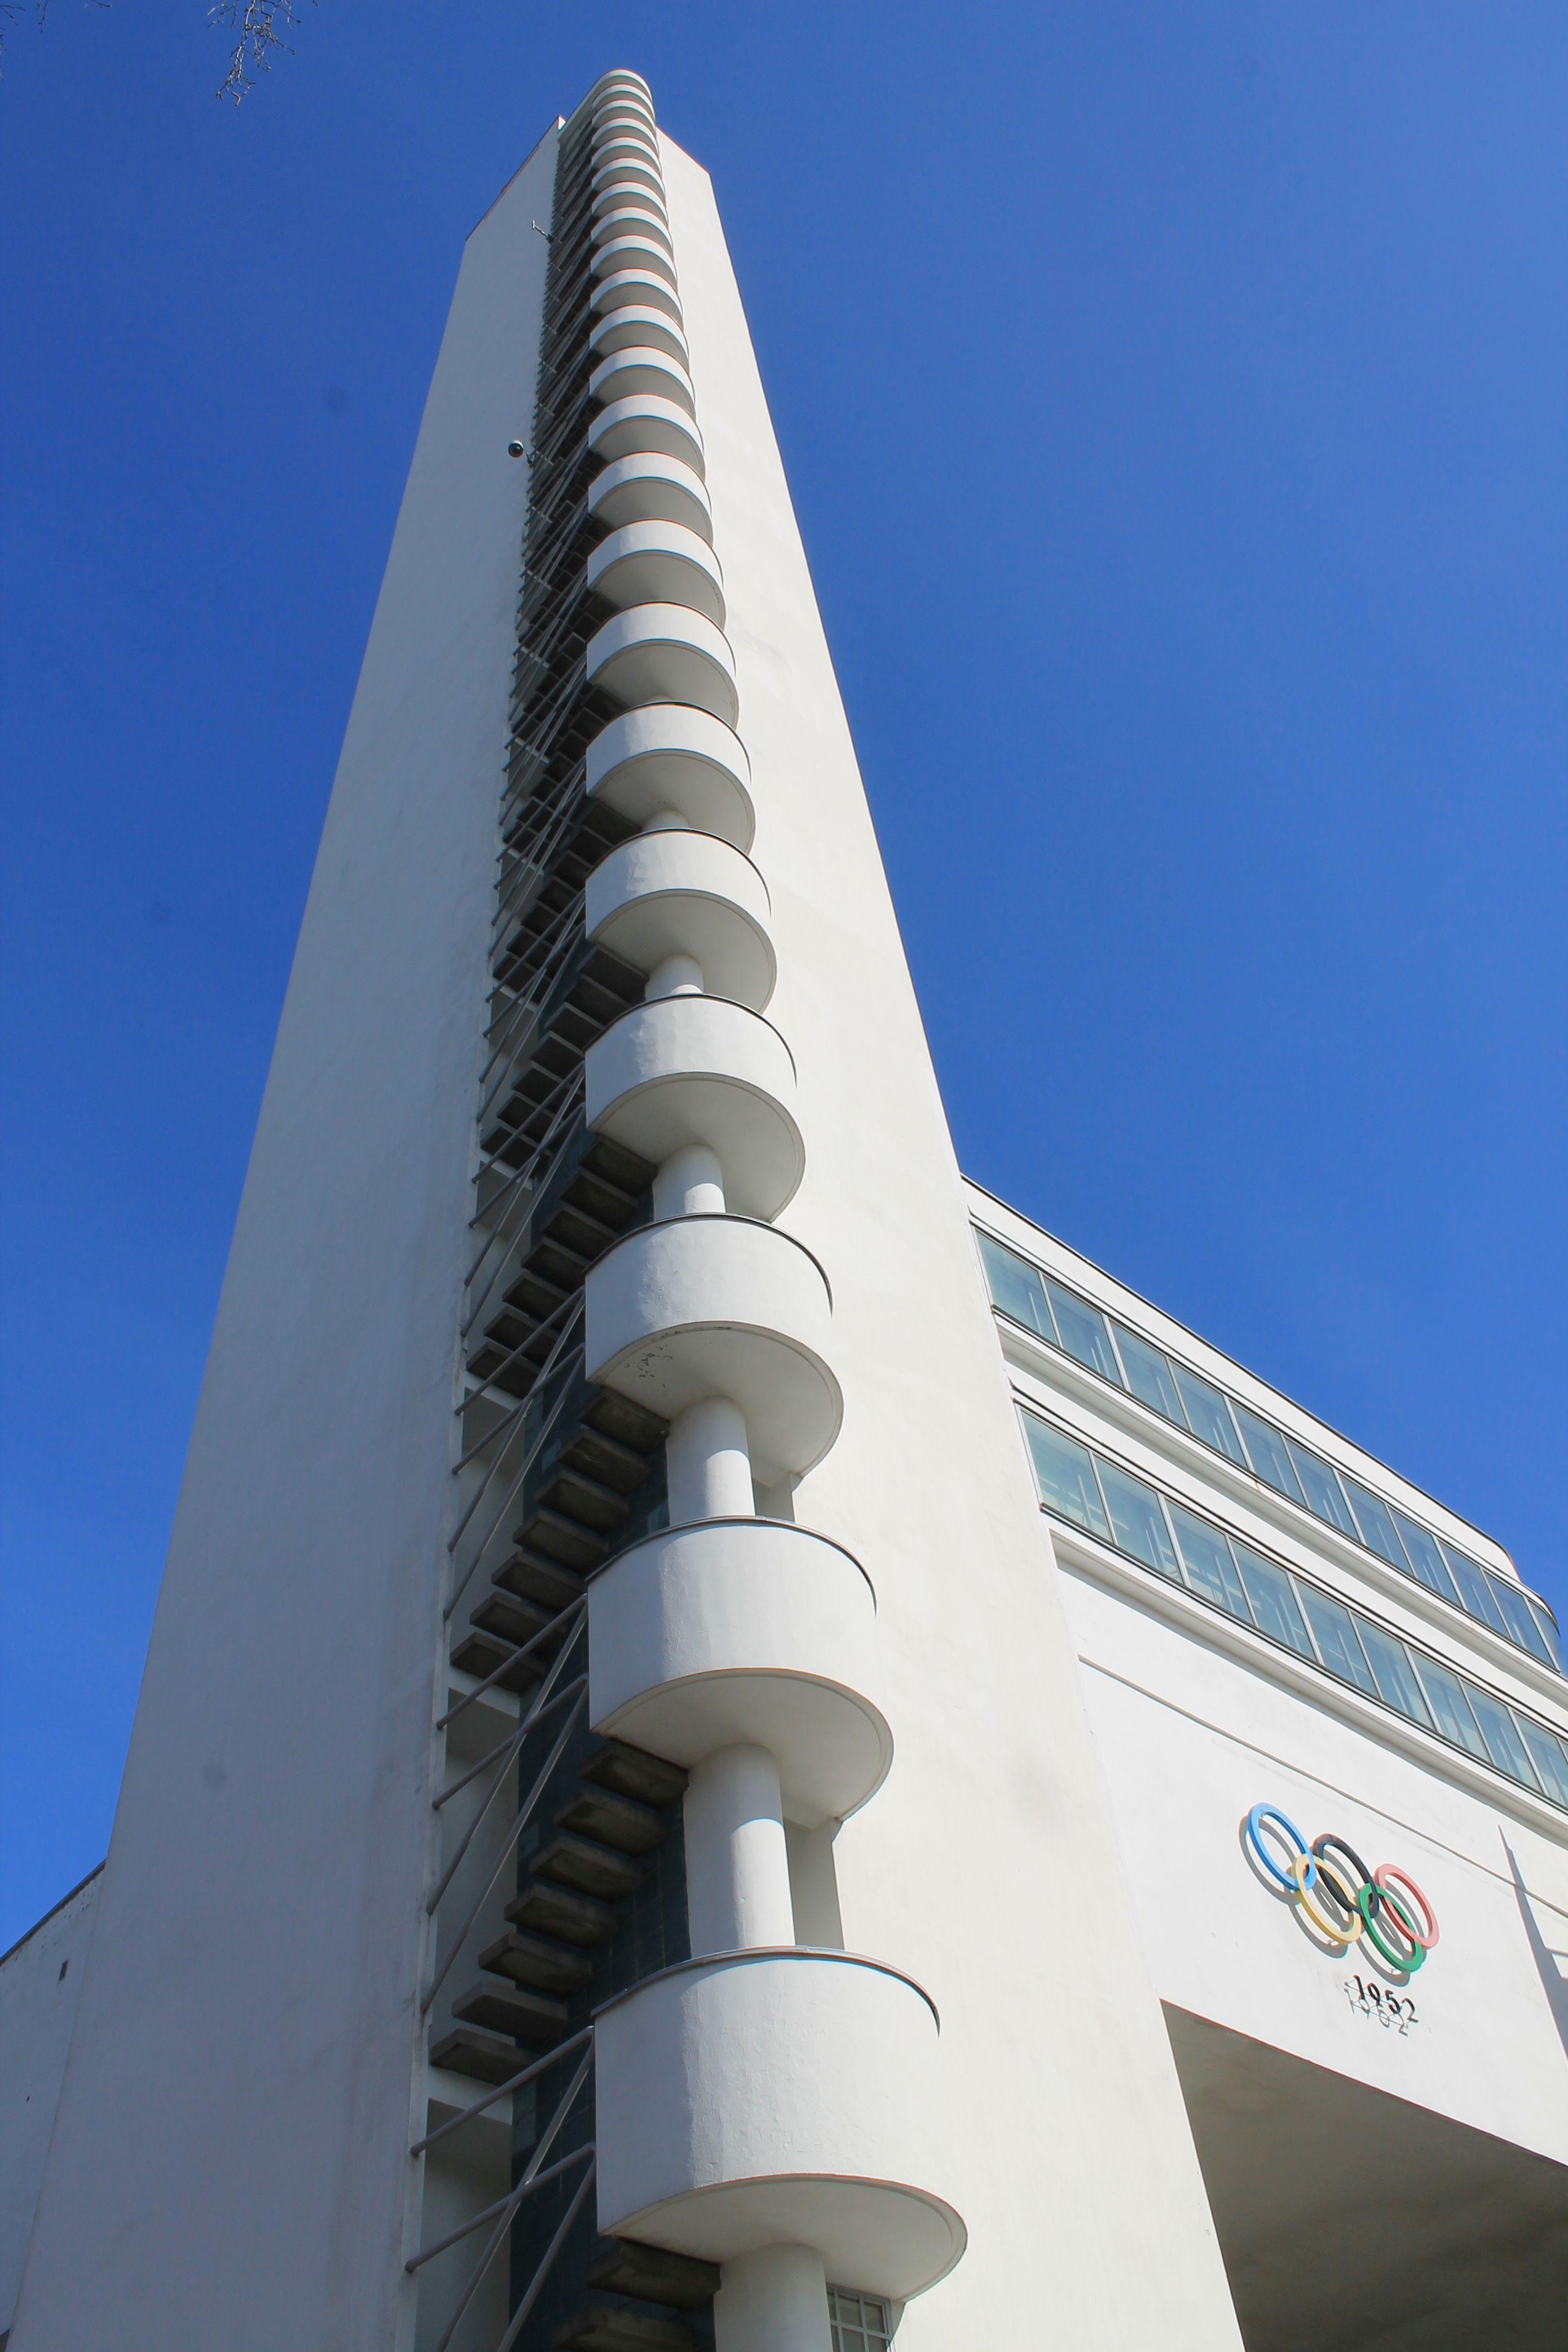 stadion_tornya.jpg